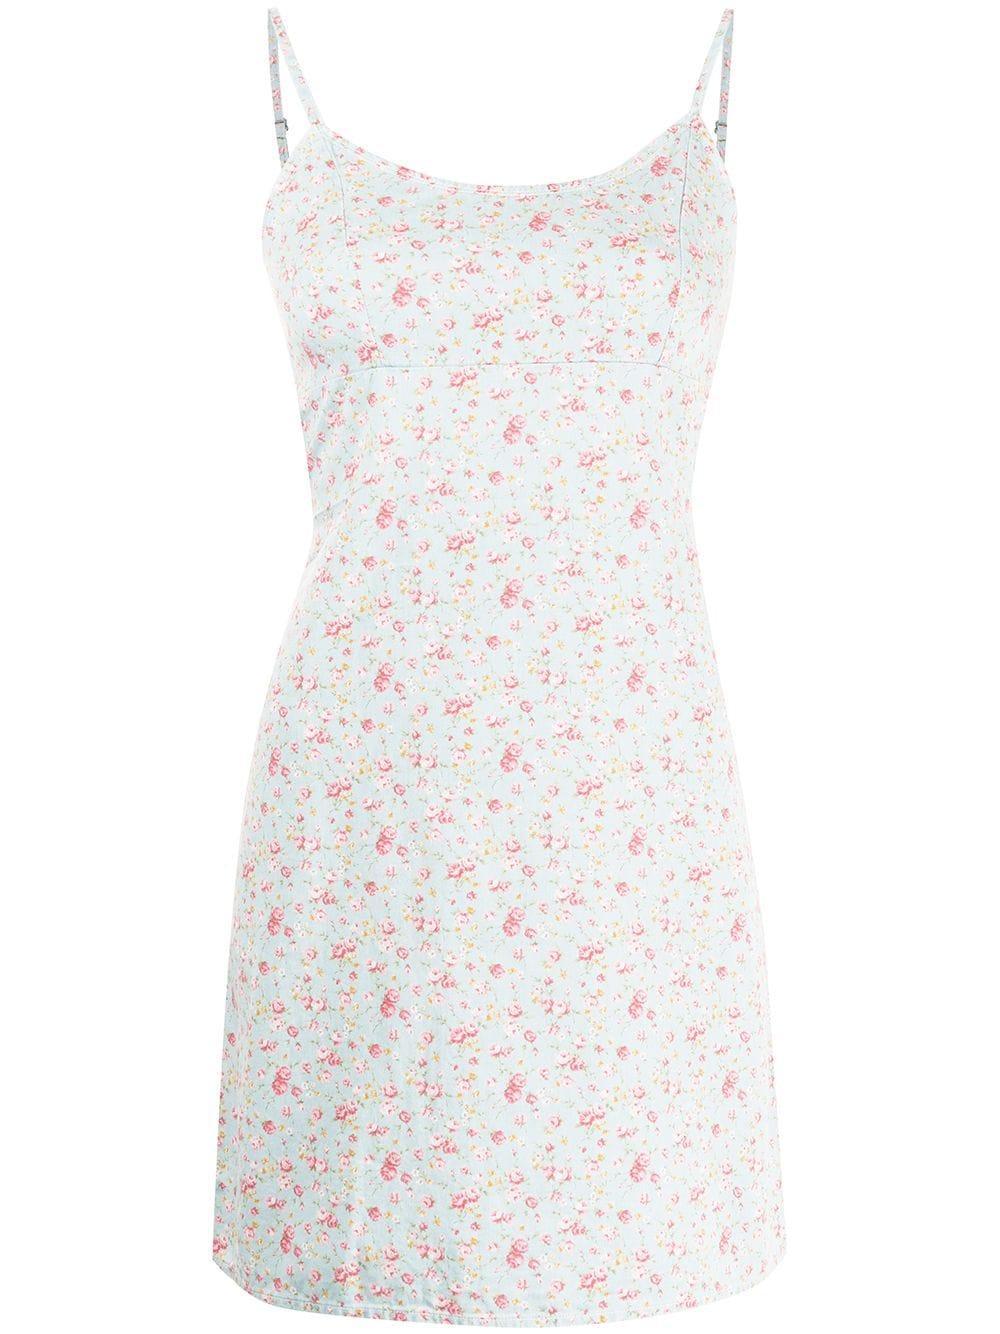 Floral Print Mini Dress Item # DSW7227-D14